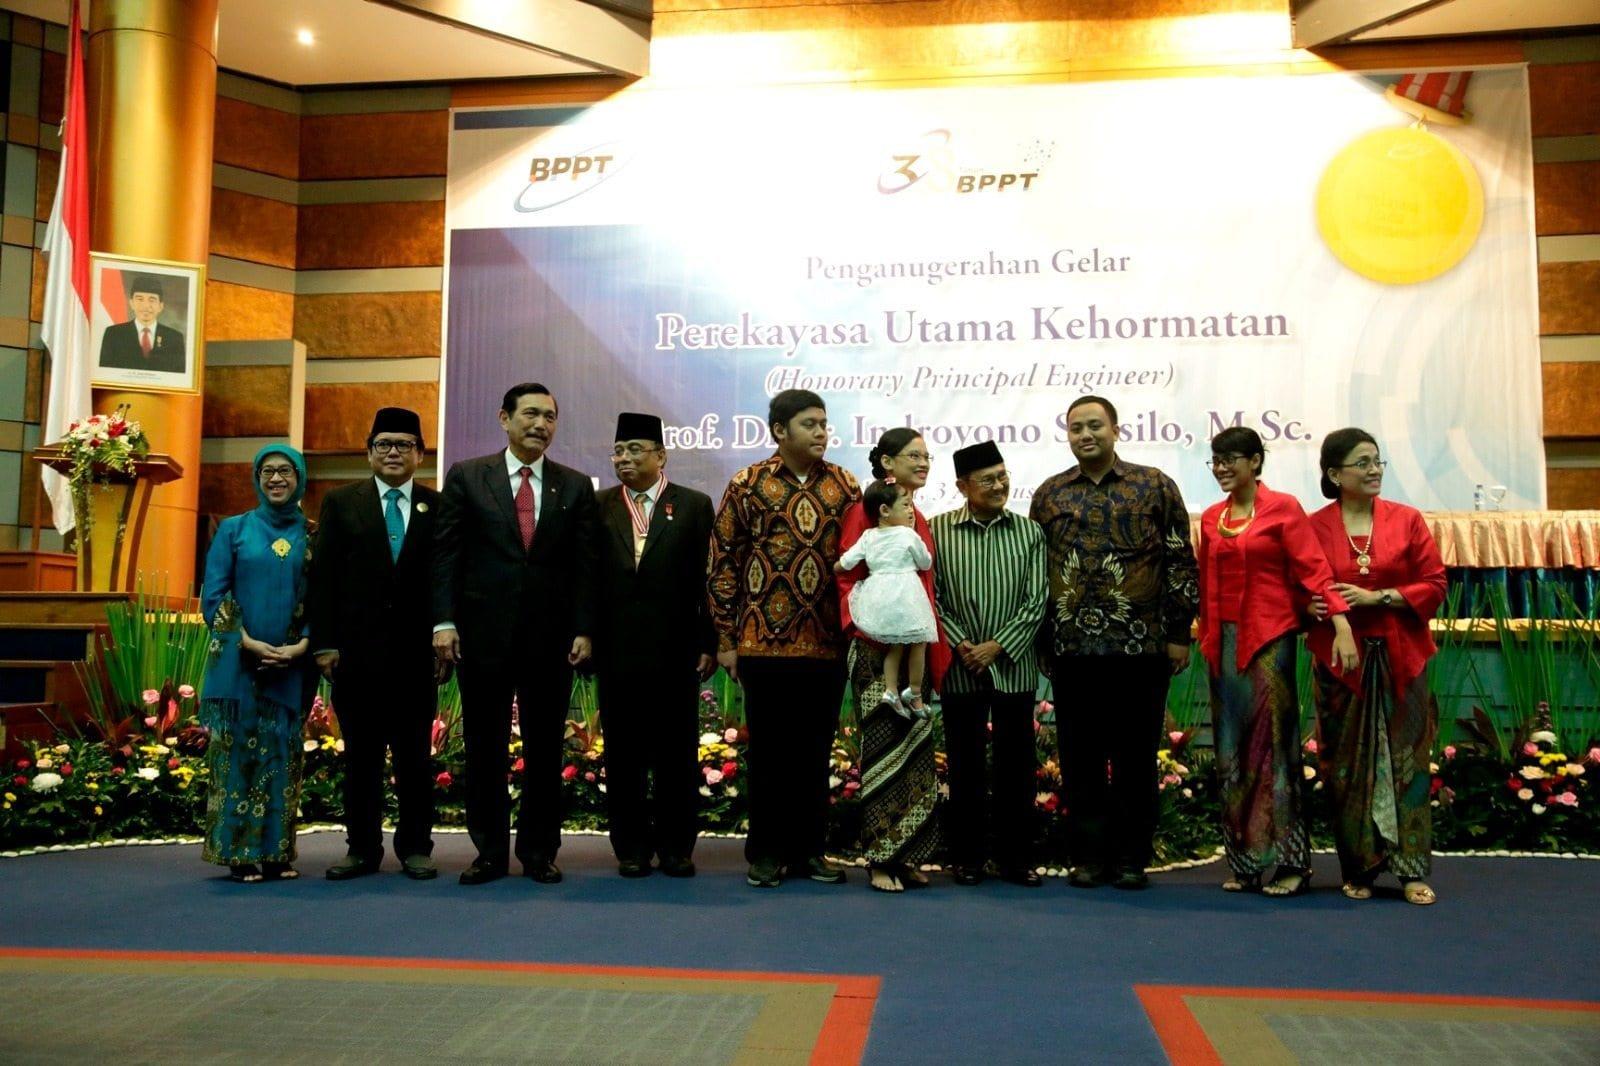 Menko Luhut B. Pandjaitan menghadiri Penganugeraha Perekayasa Utama Kehormatan (PUK) 2016